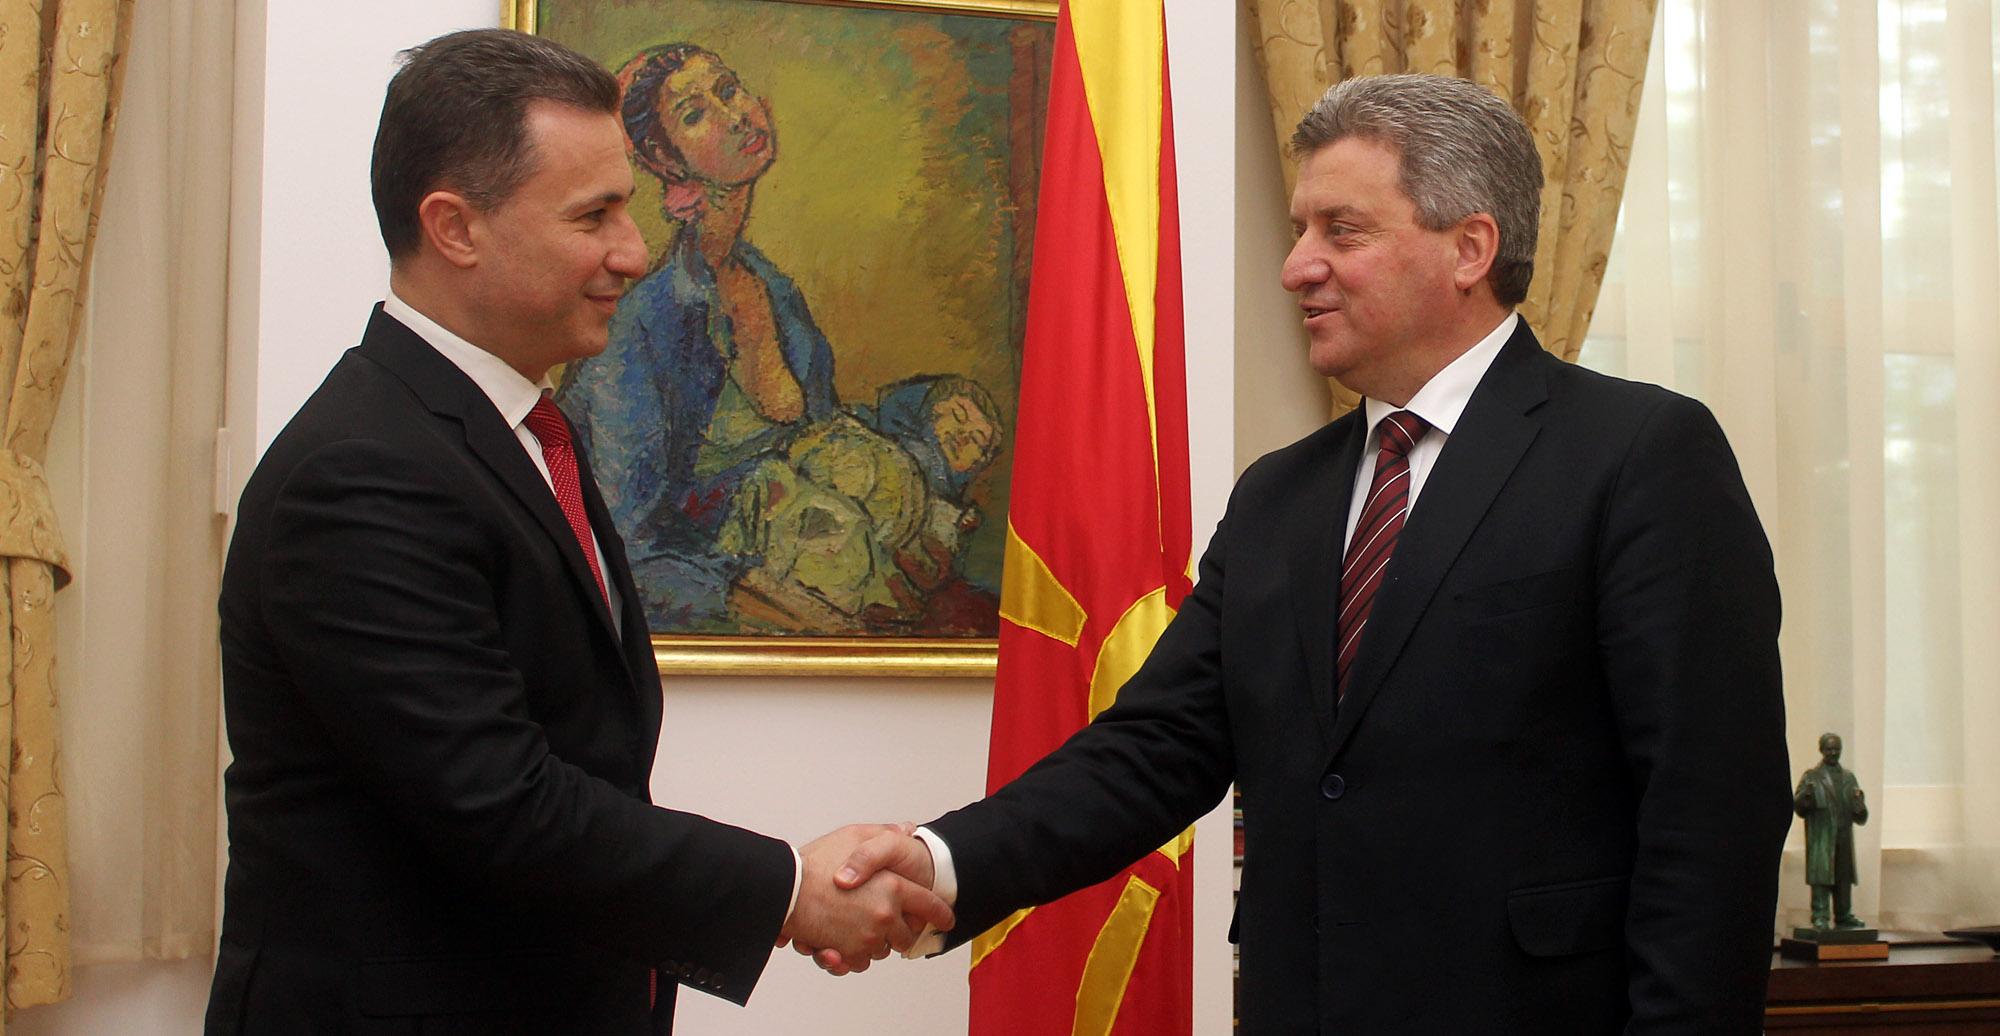 Partitë shqiptare: Ivanov, shkelësi më i madh i Kushtetutës